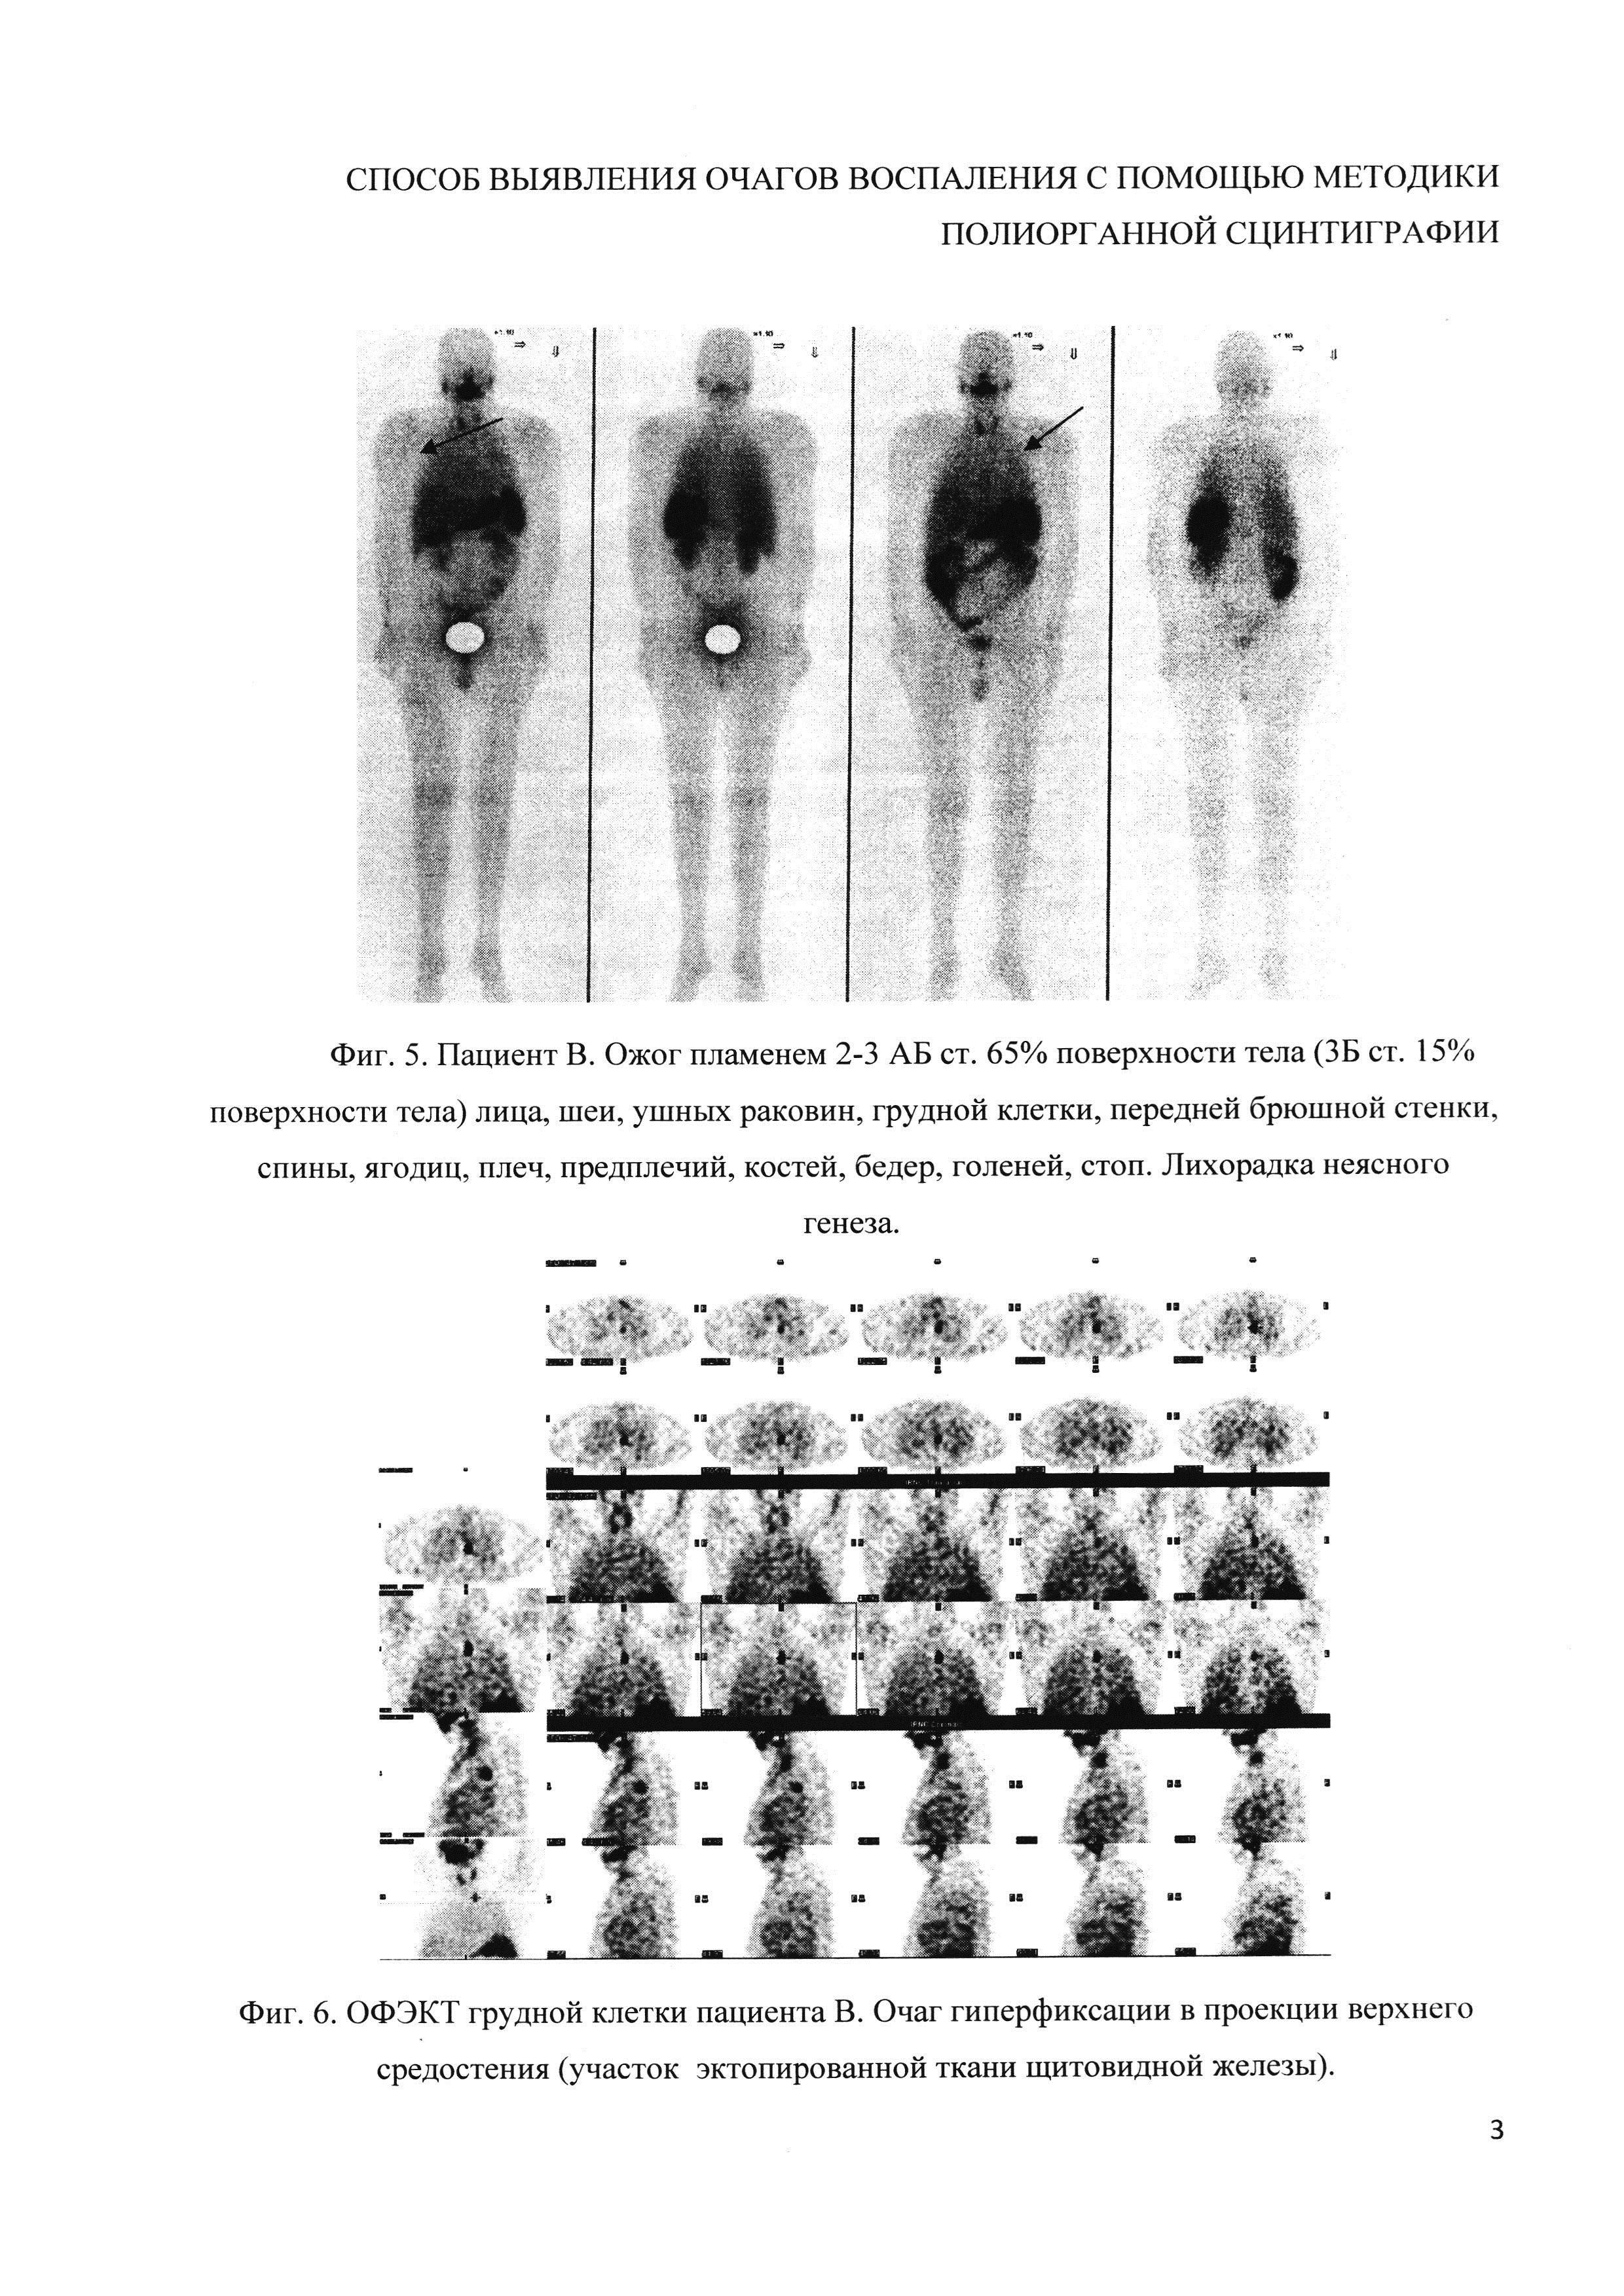 Способ выявления очагов воспаления с помощью методики полиорганной сцинтиграфии